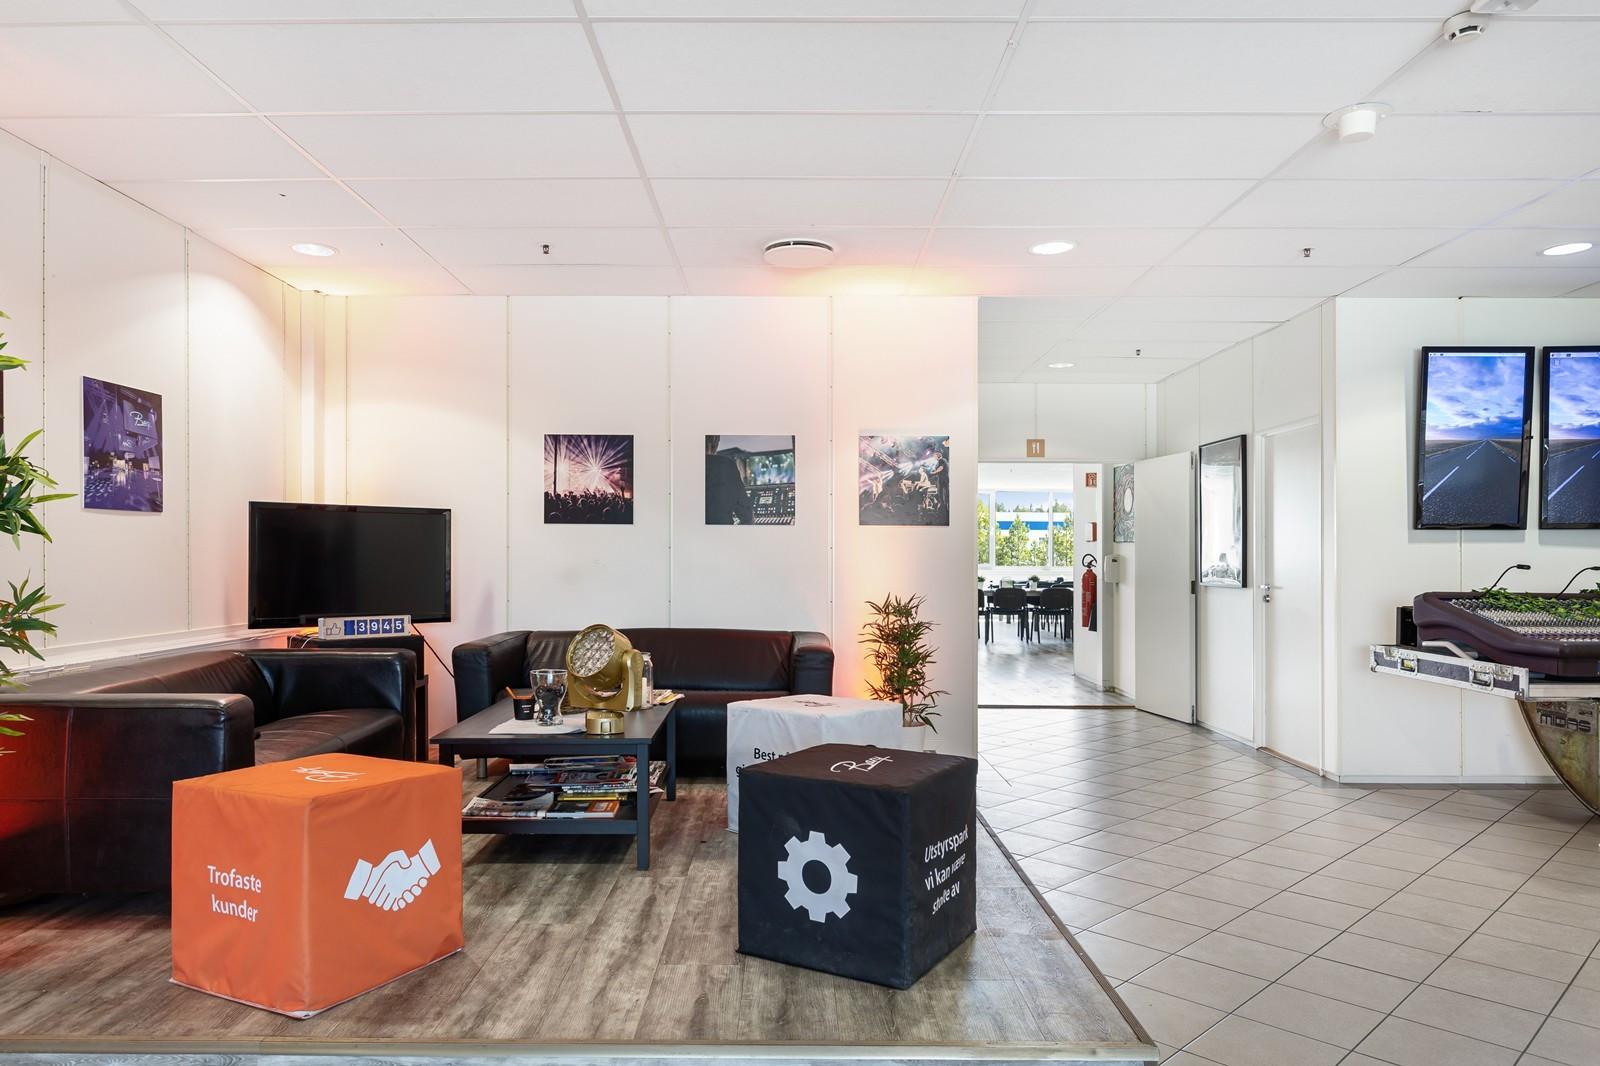 Mottaks-/fellesområde 2. etasje (kontoretasjen)